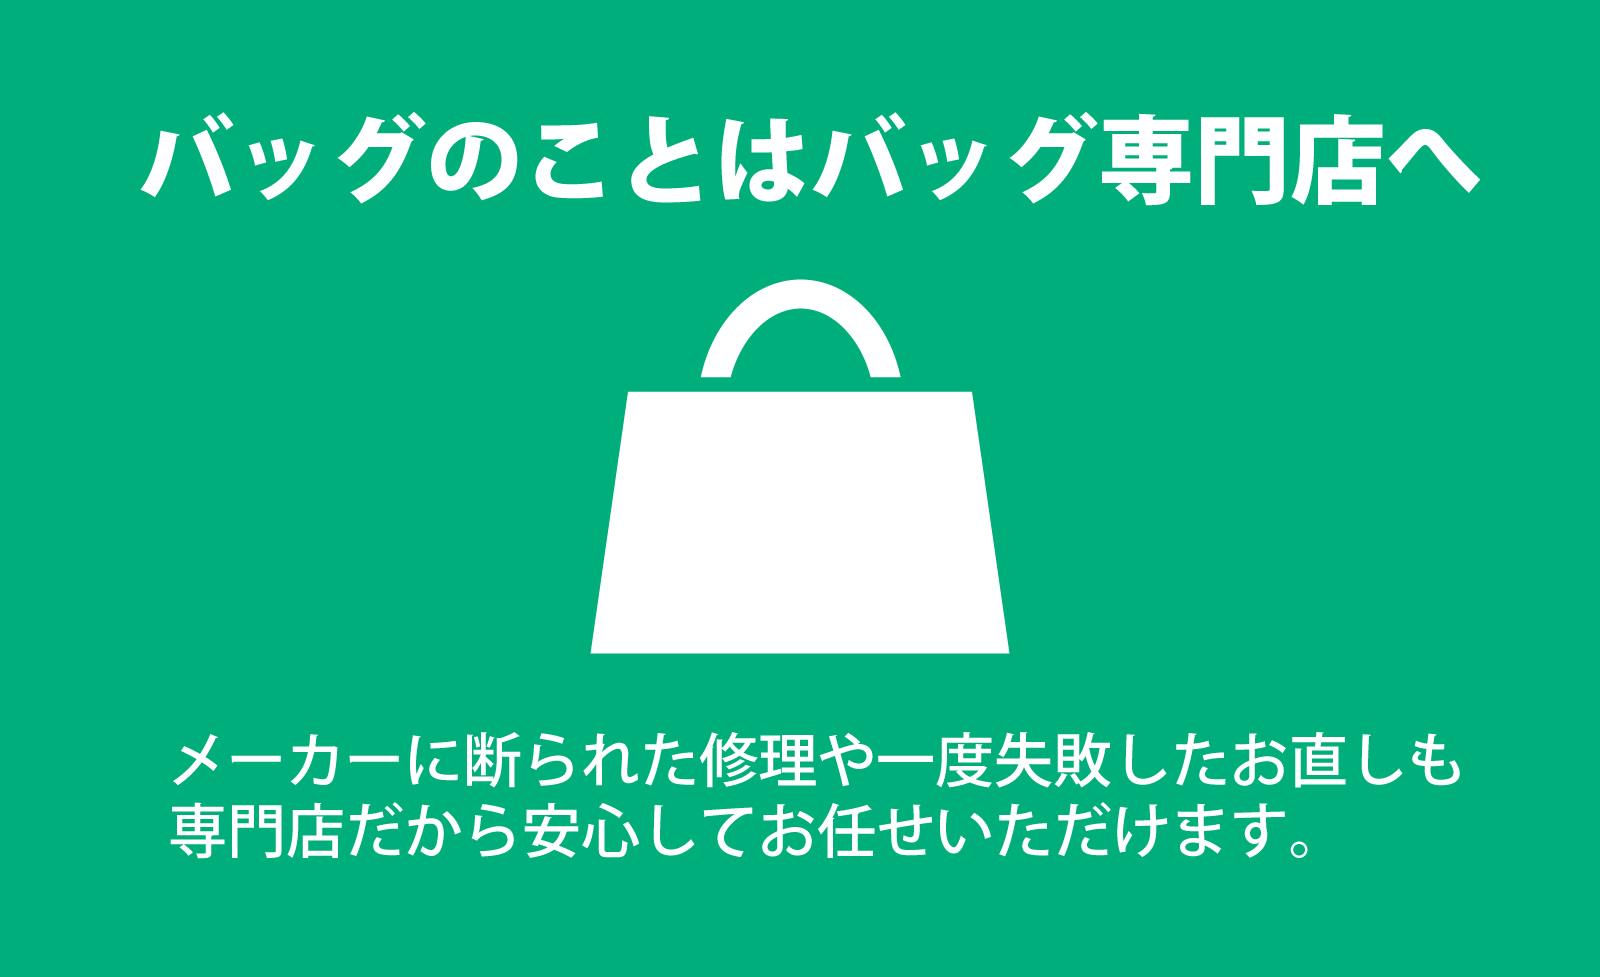 バッグのことはバッグ専門店へ メーカーに断られた修理や一度失敗したお直しも 専門店だから安心してお任せいただけます。